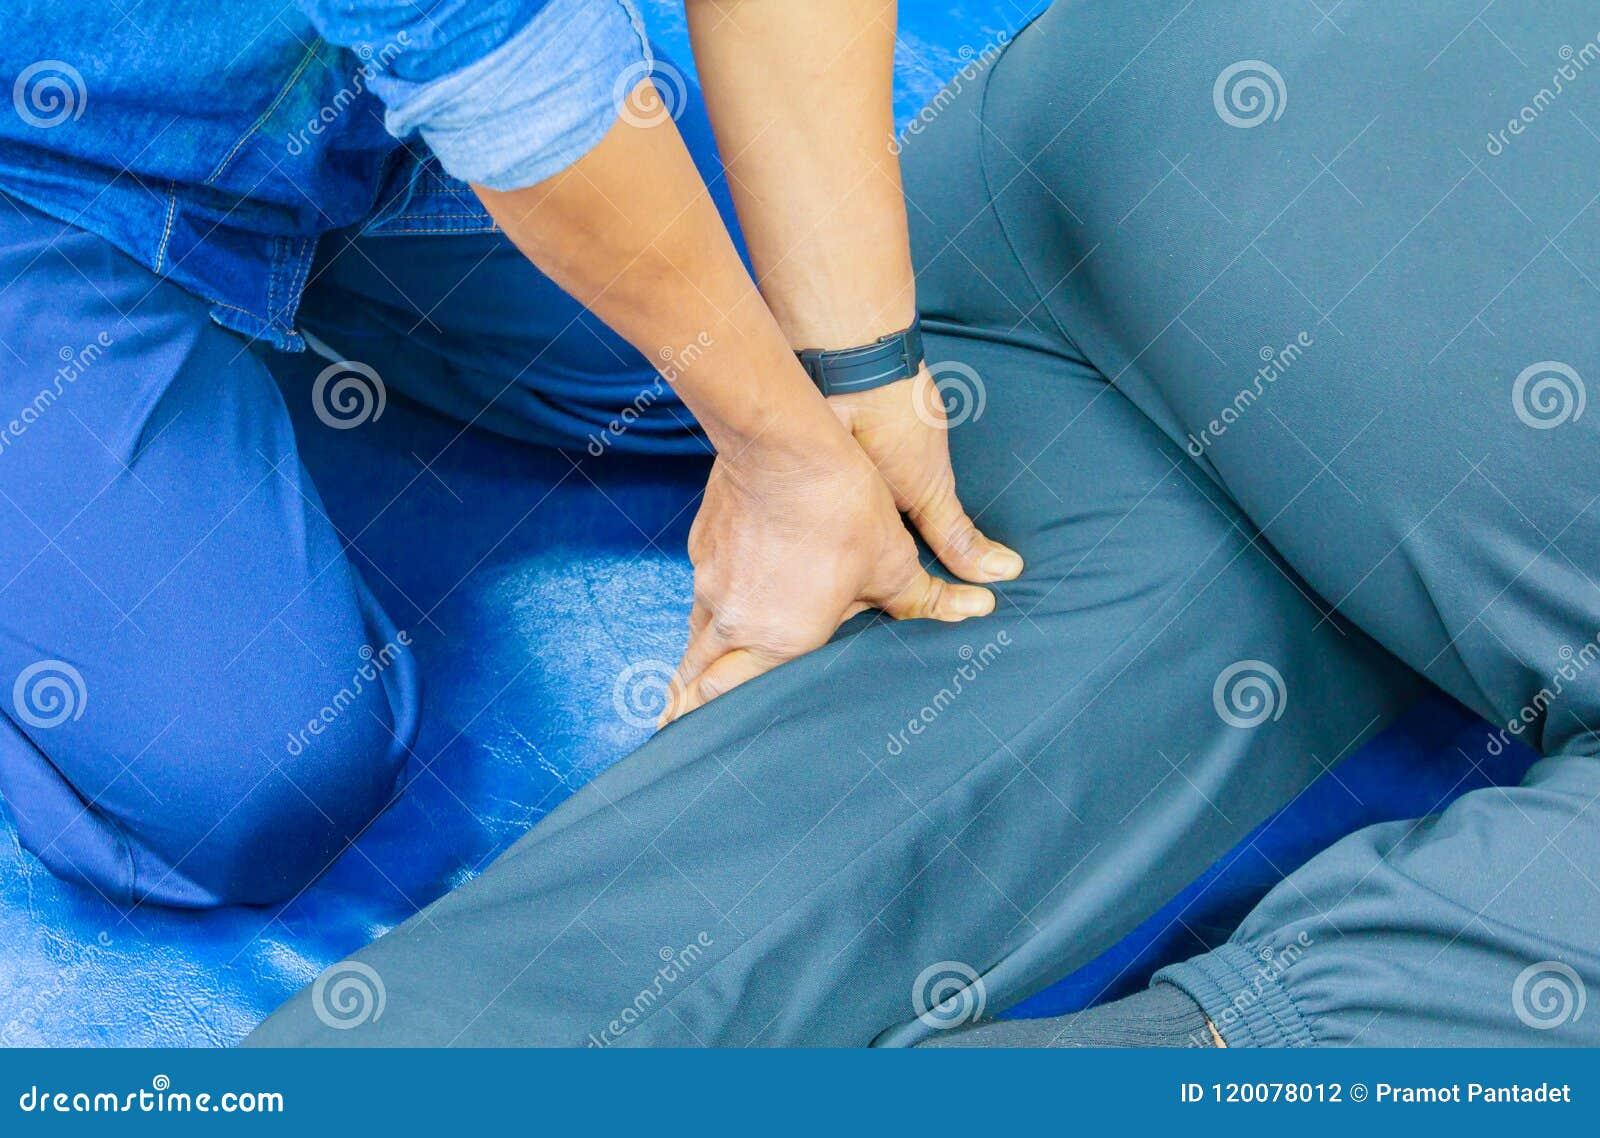 Палец массажа образования студента тренируя пресса на медицине традиционного массажа ноги тайской